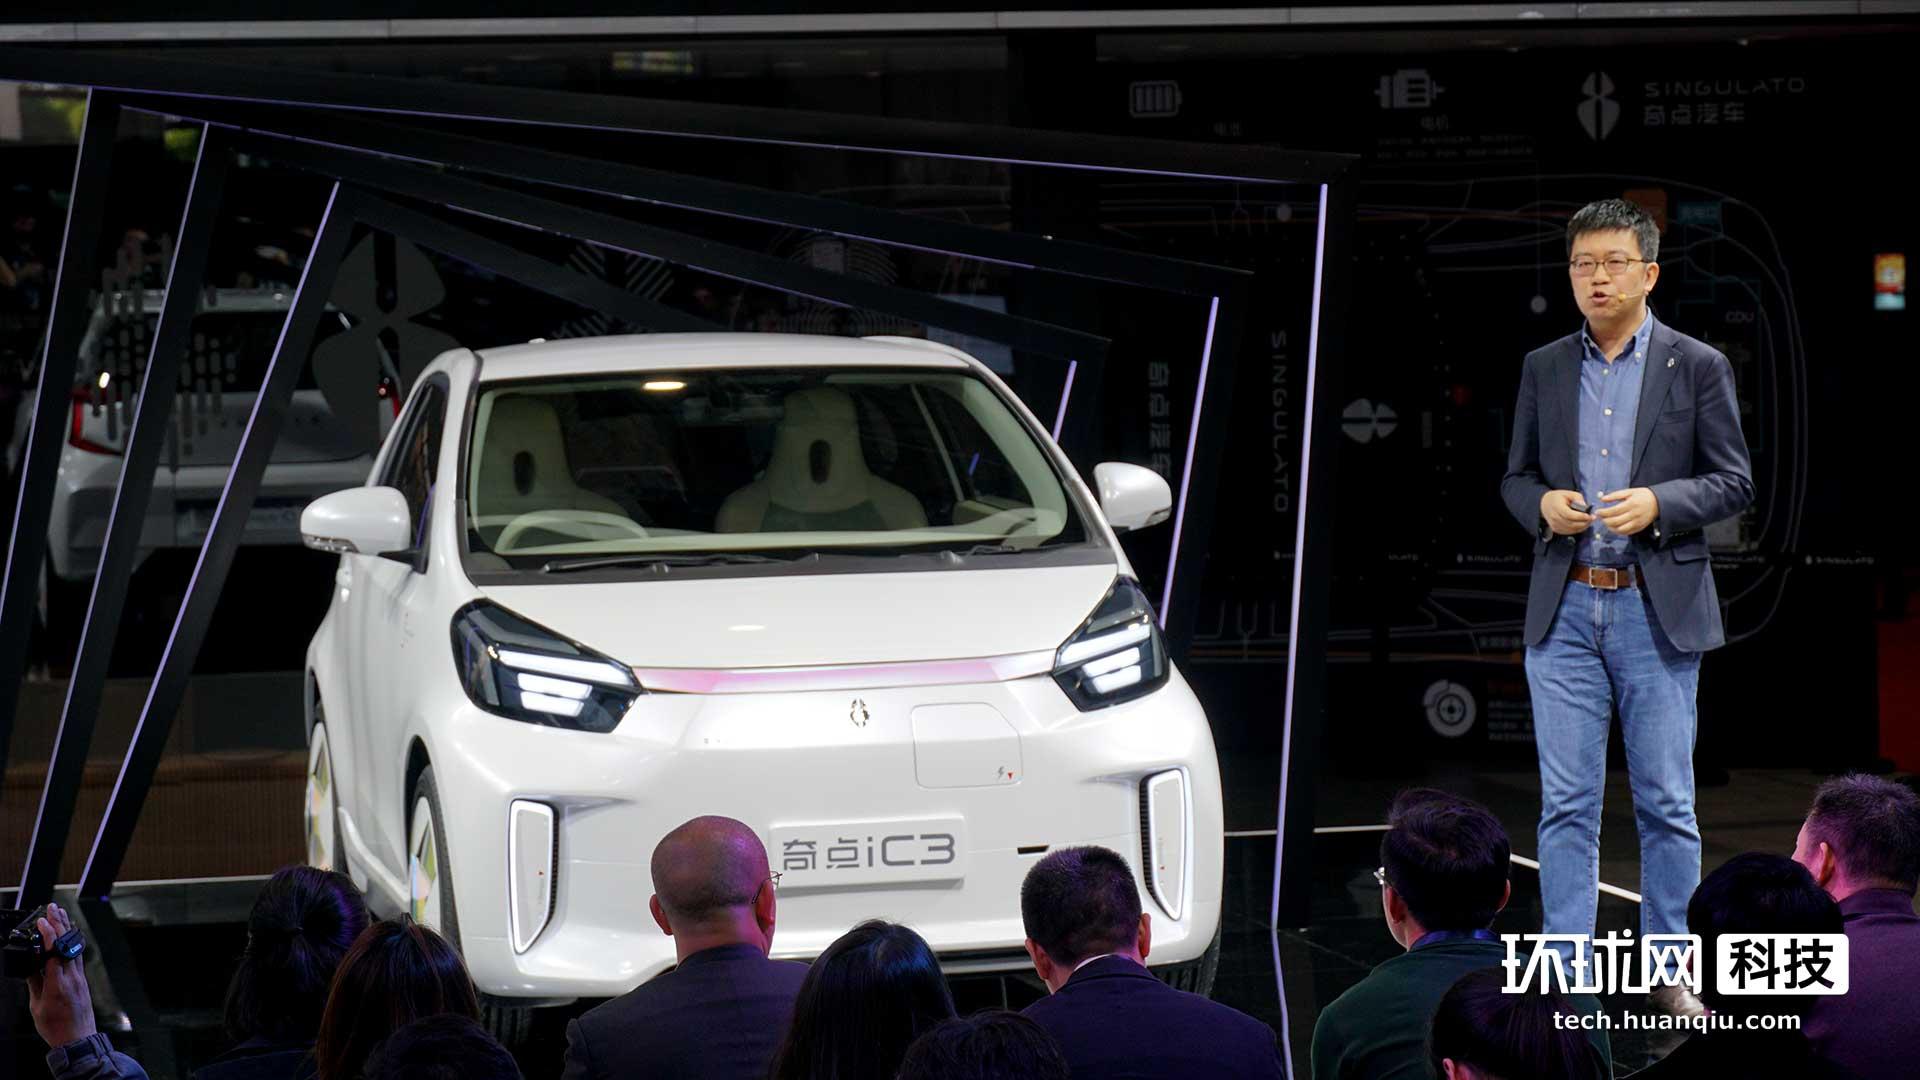 奇点汽车发布量产概念车iC3,2021年量产